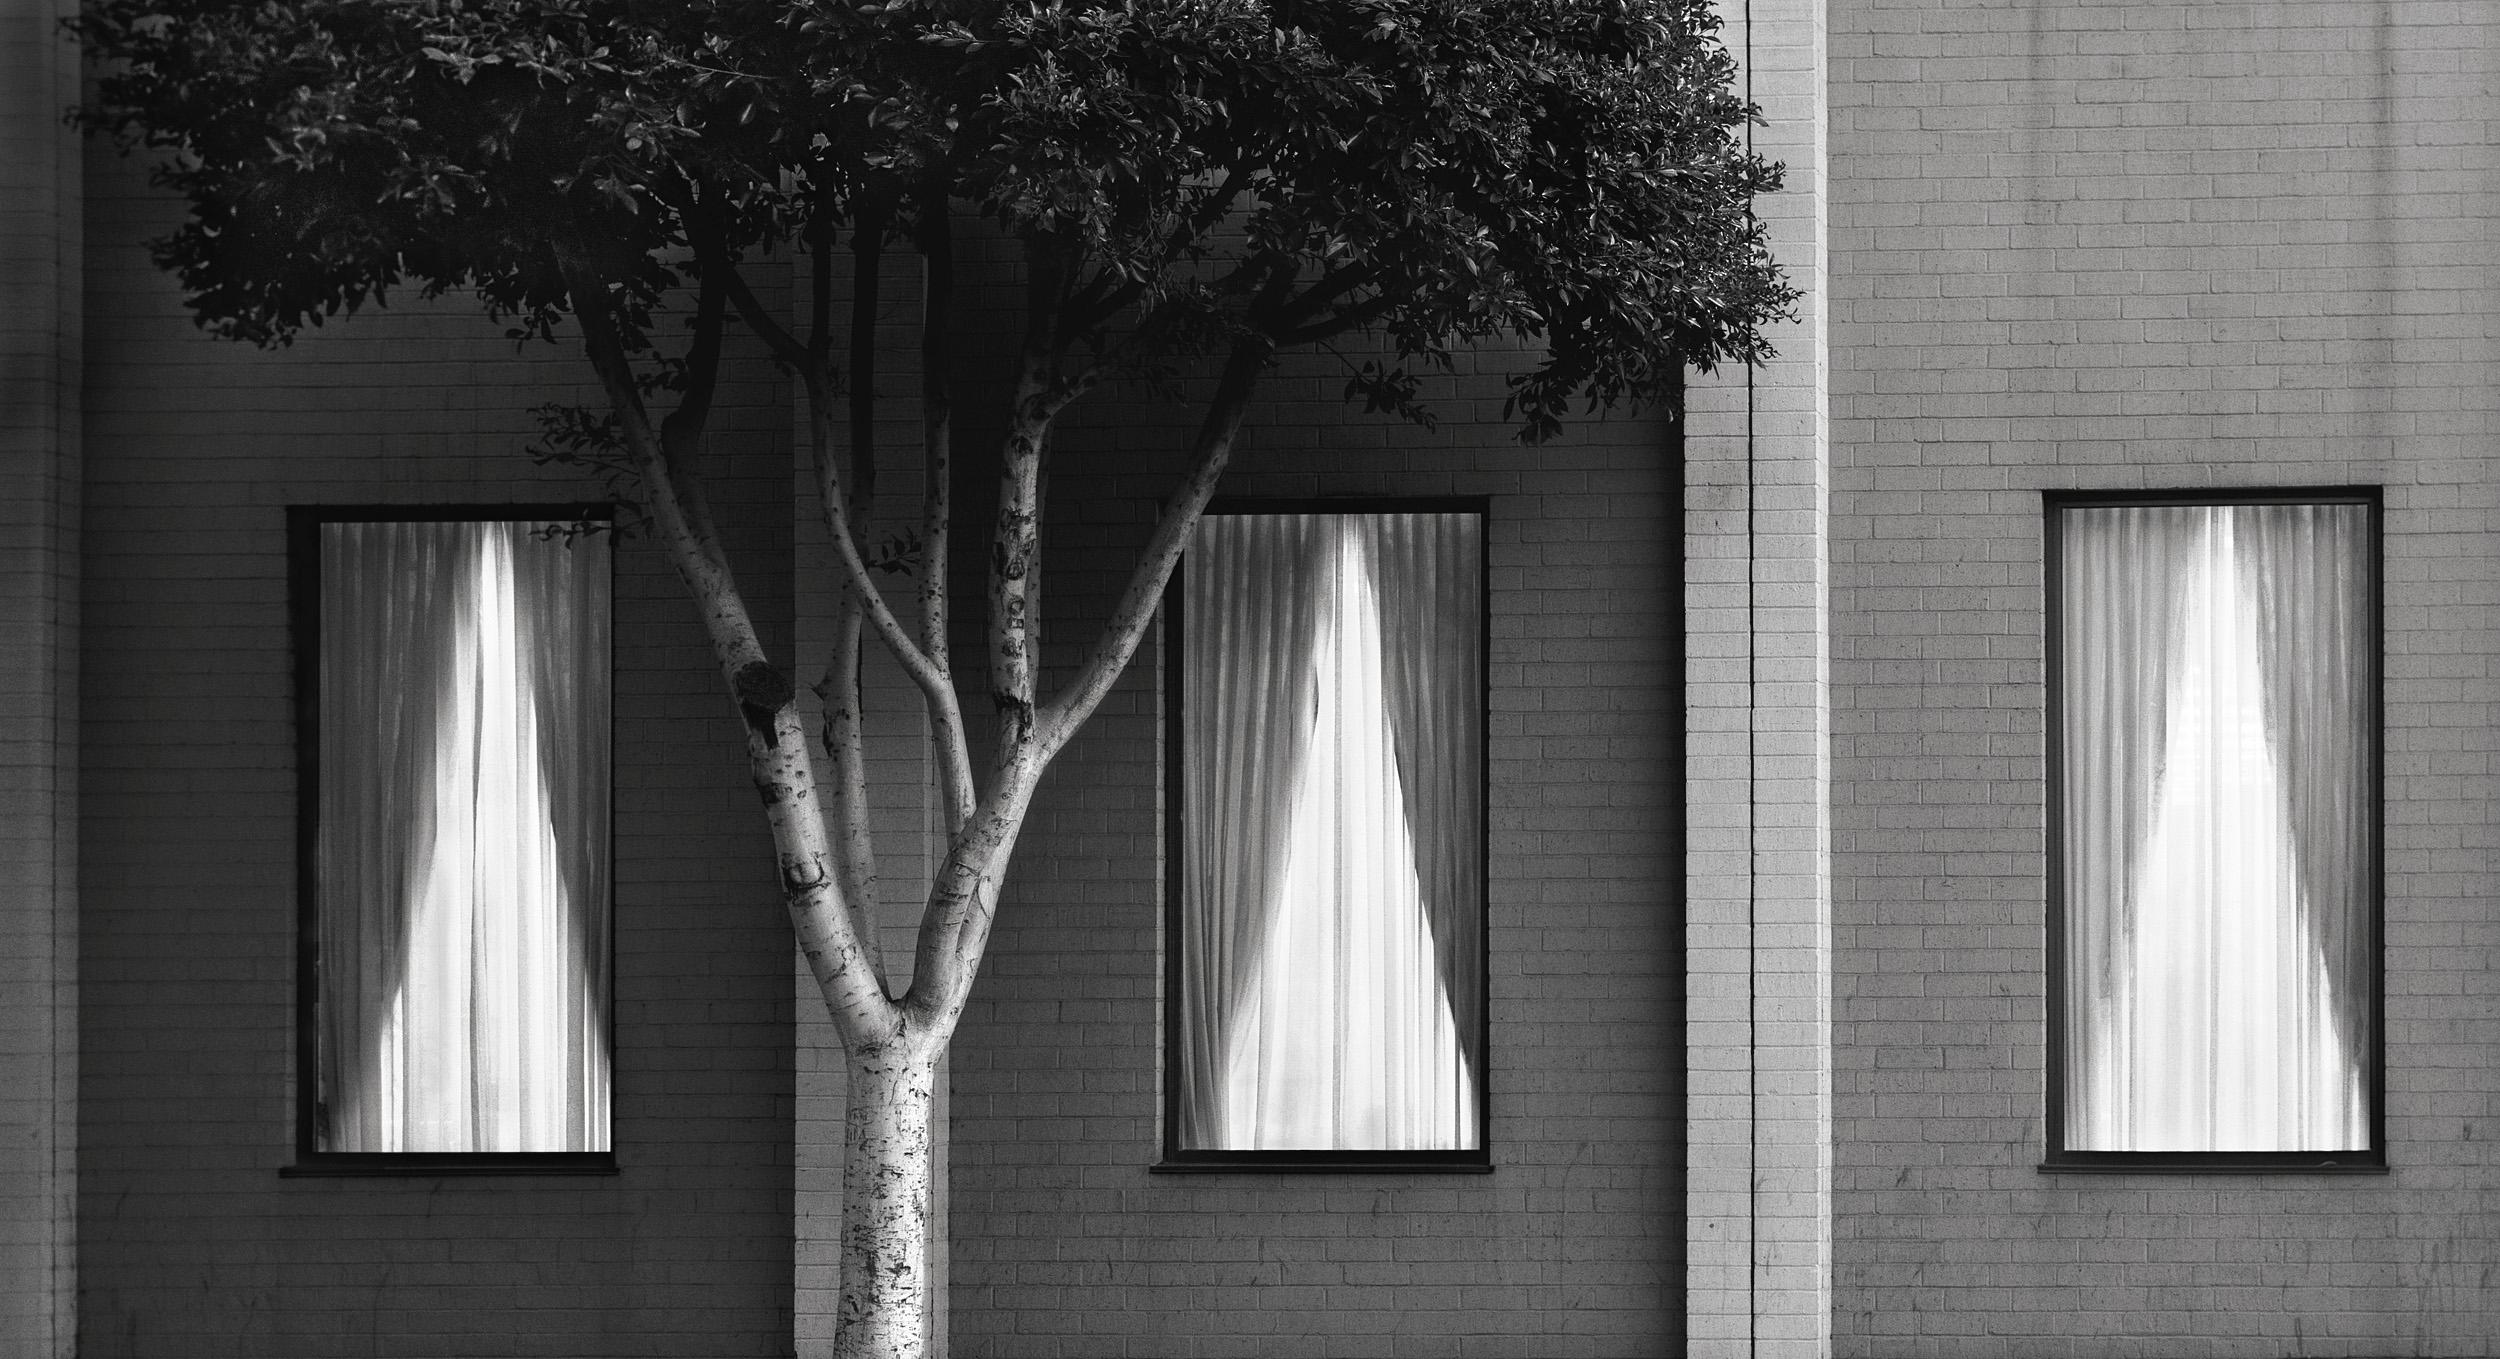 Tree and Three Windows, 1981